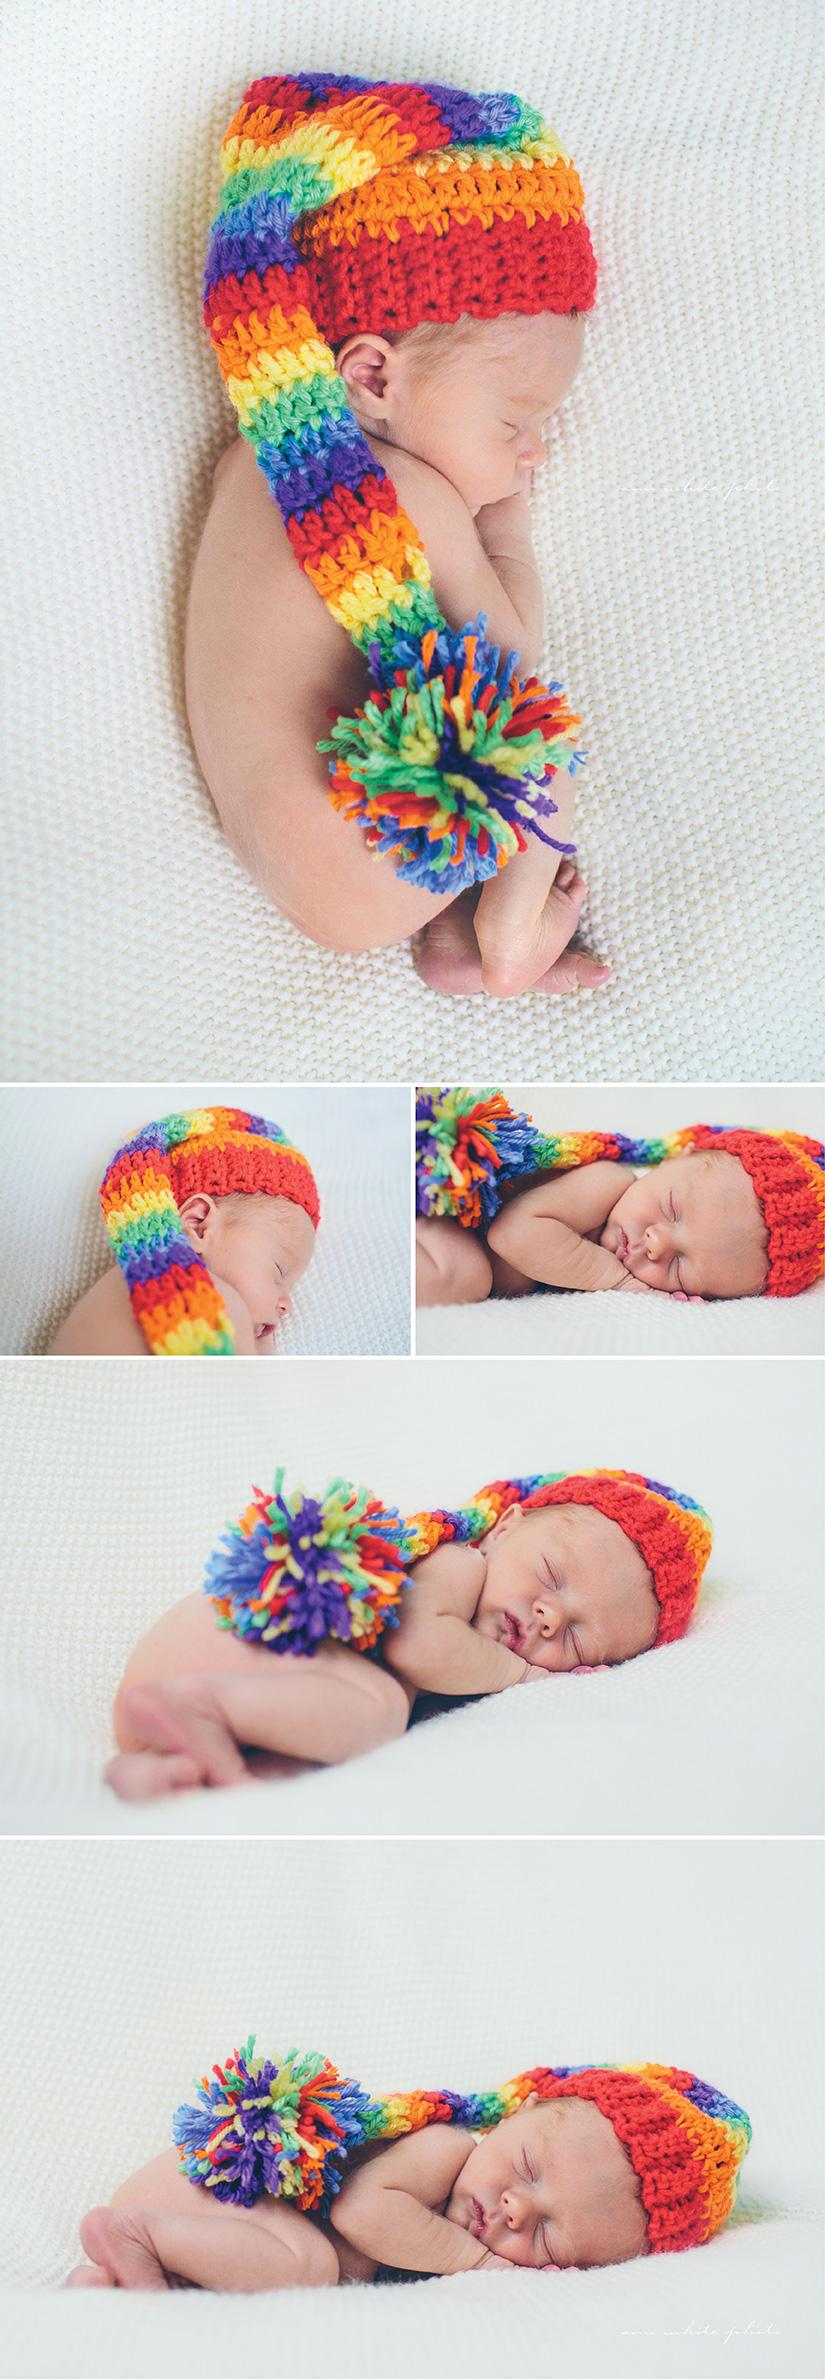 Oliver_newborn_blog7.jpg